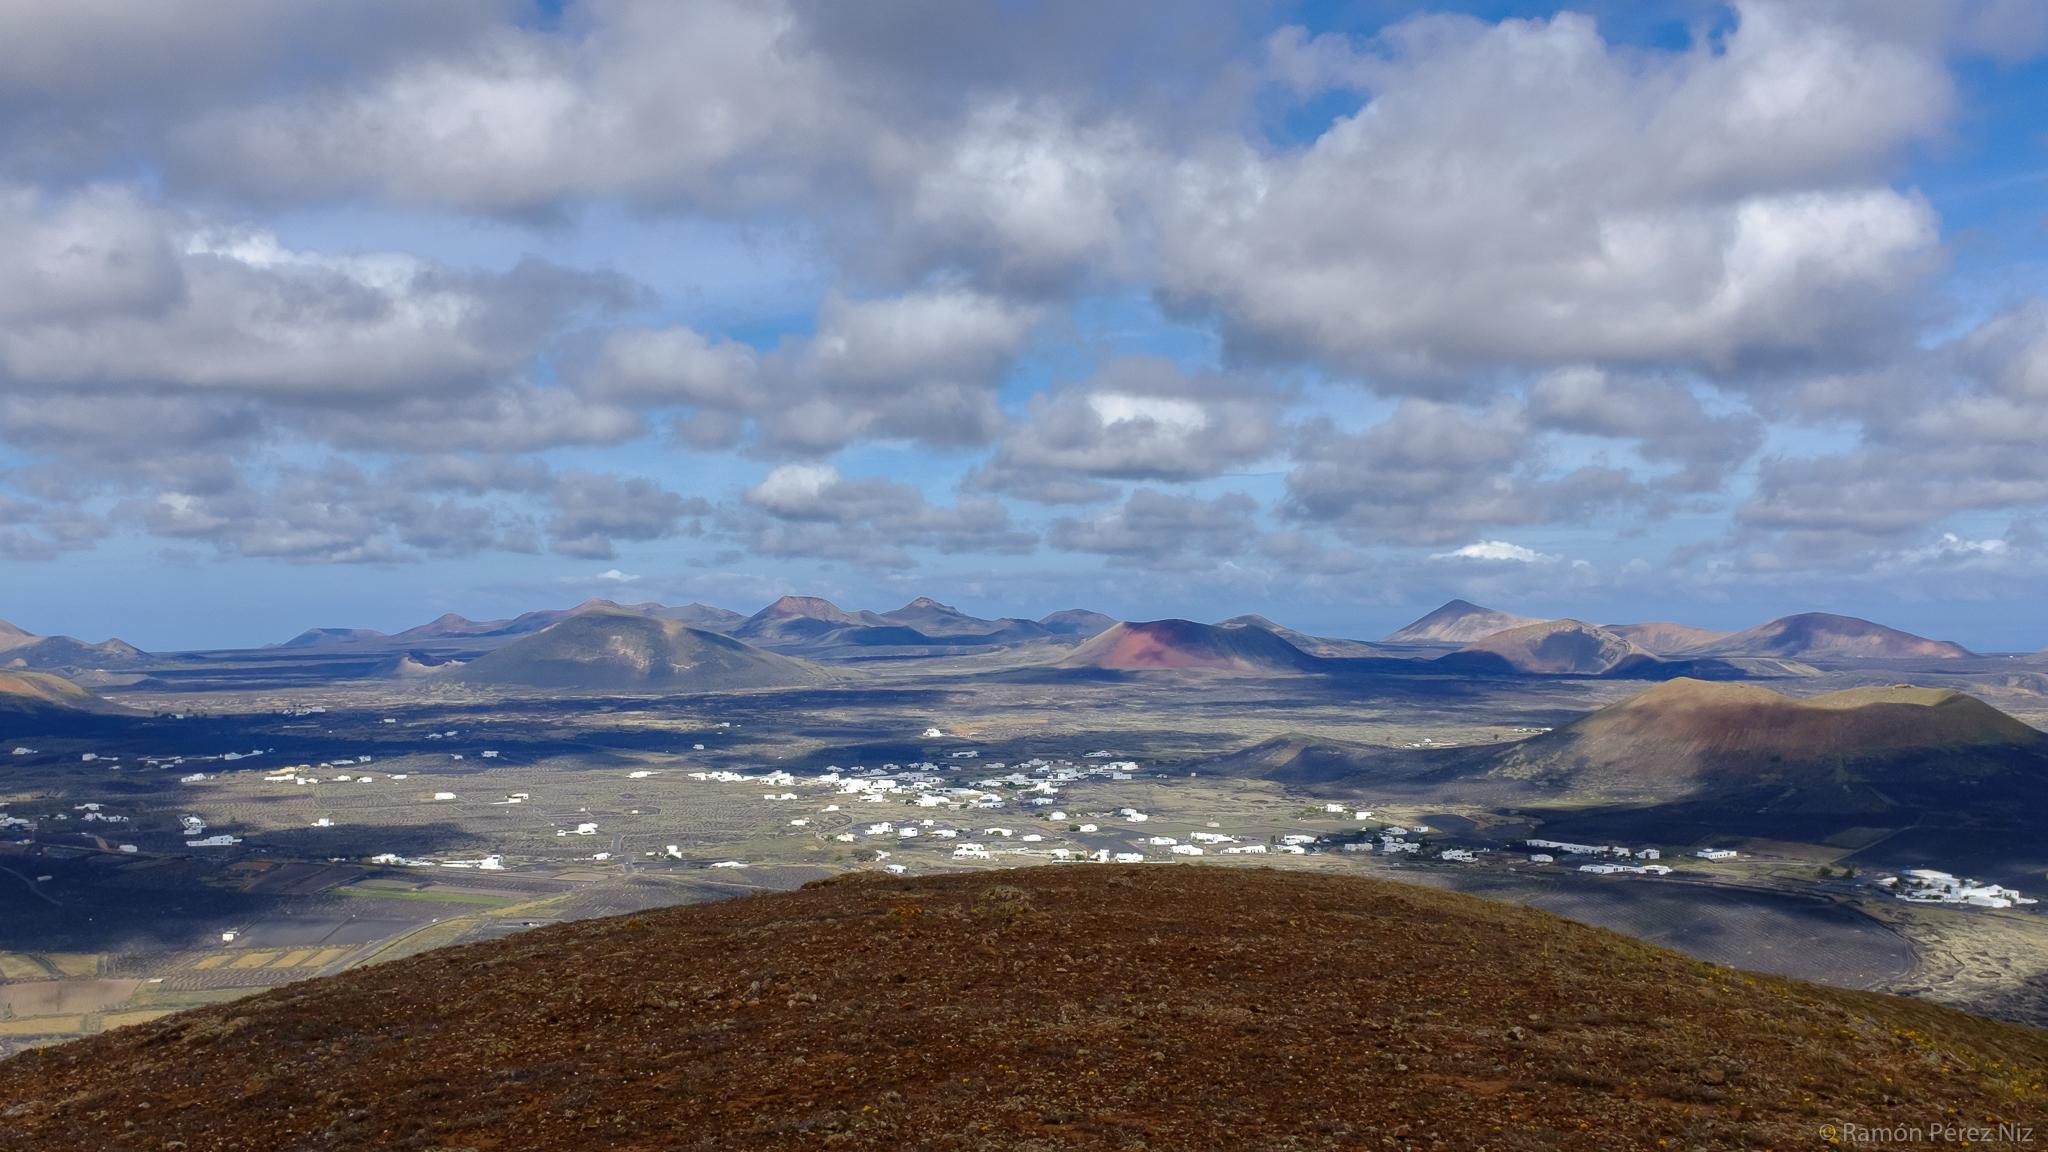 Foto de Ramón Pérez Niz, desde montaña Guatisea